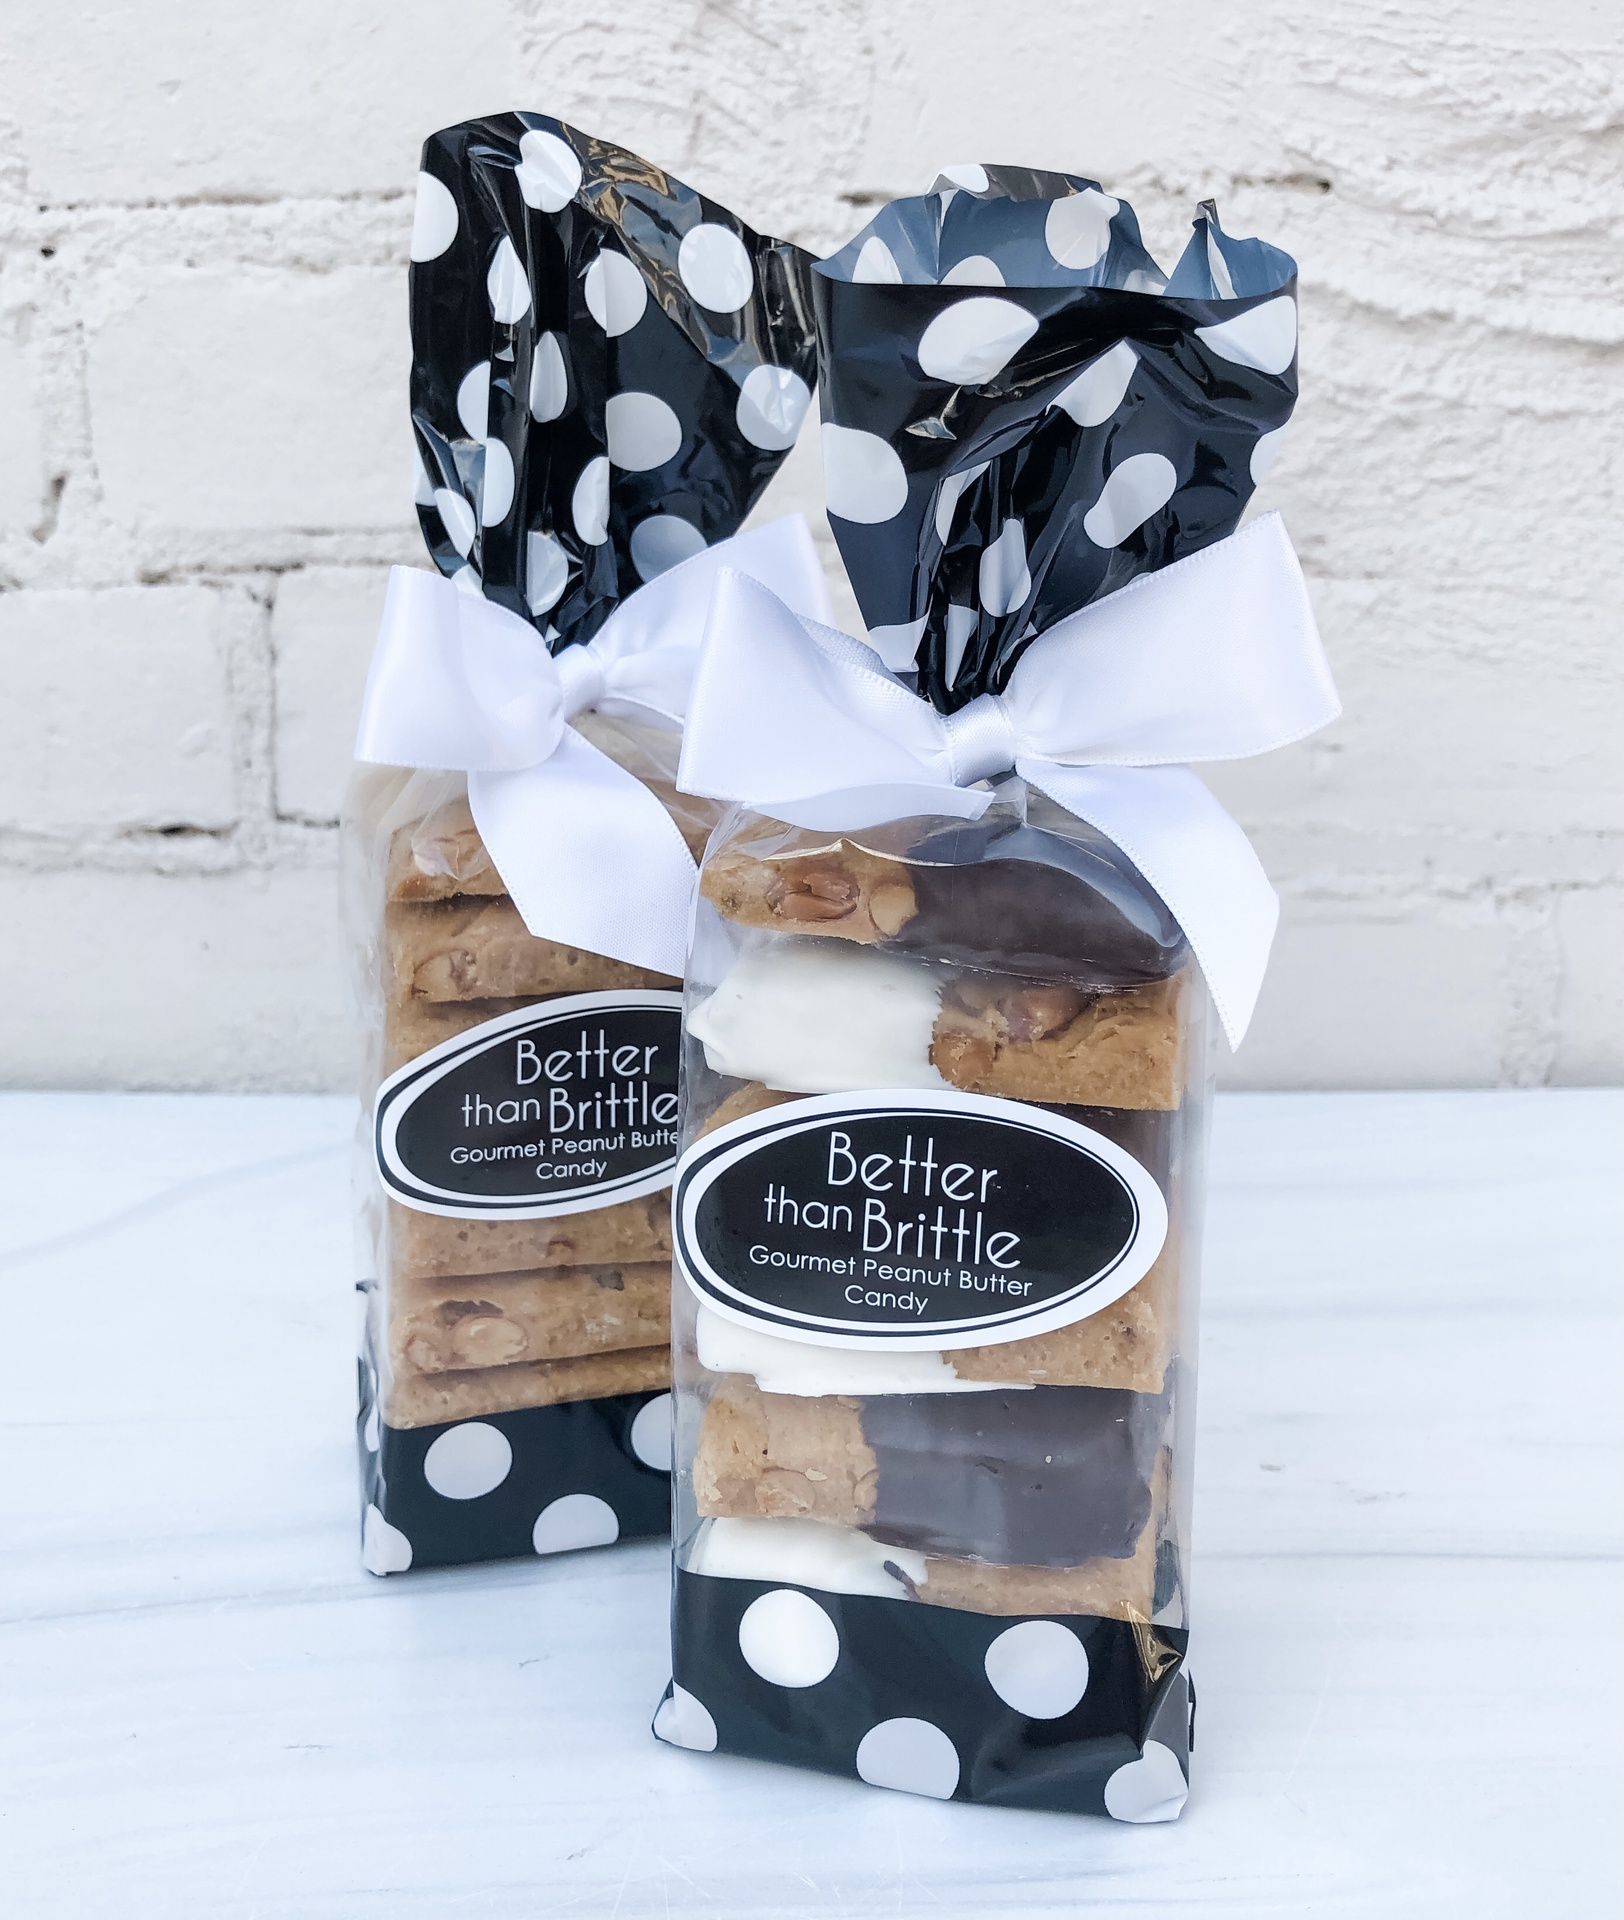 Better than Brittle: Gourmet Peanut Butter Candy, Gift Bag--CHOOSE FLAVOR